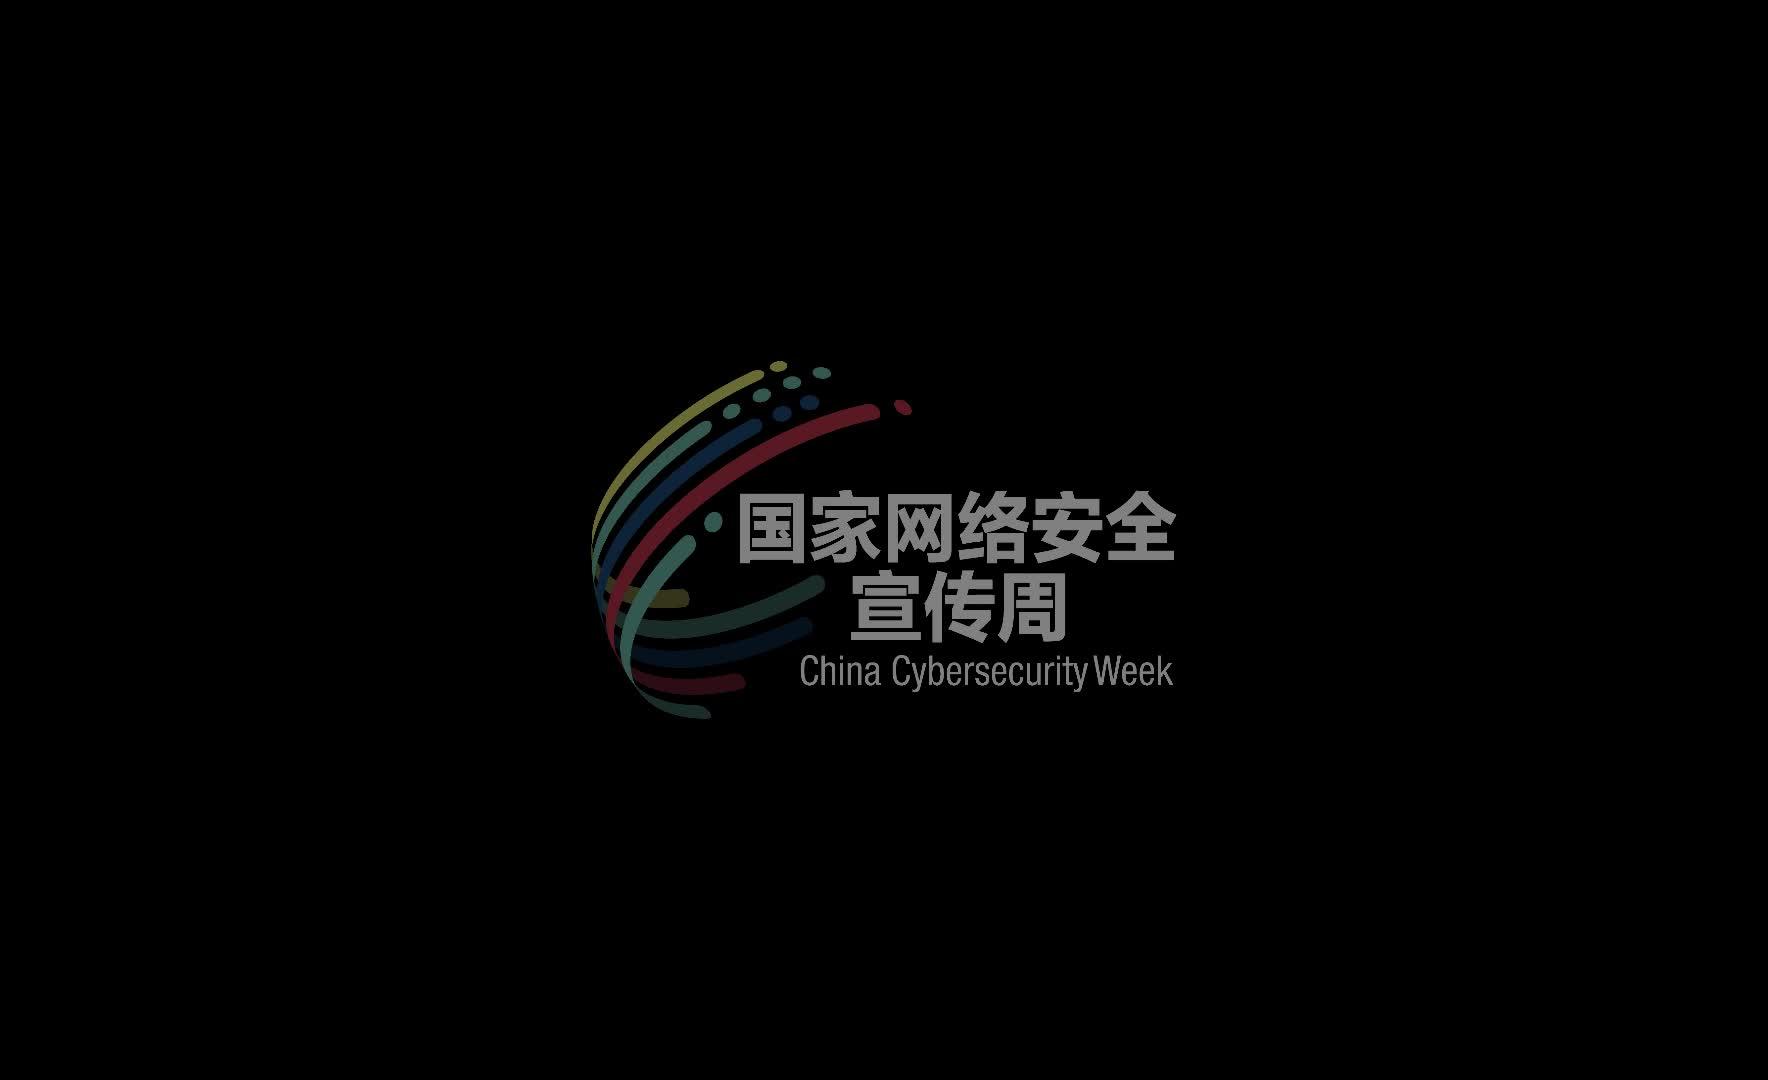 李白杜甫奇遇记-网络空间安全